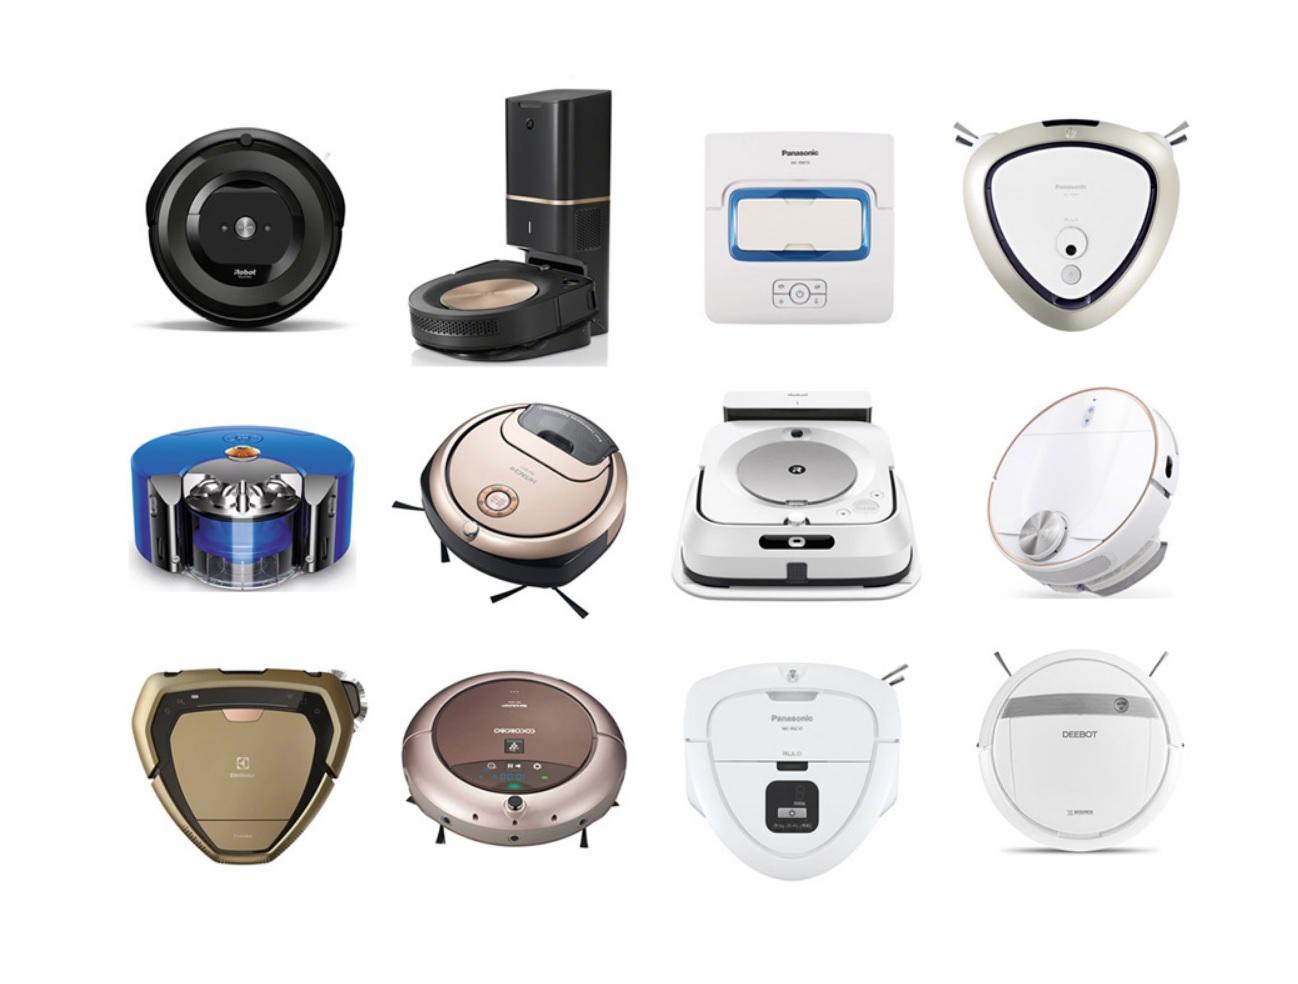 2020年最新【ロボット掃除機】おすすめ12選! 選び方のポイント、機種ごとの特徴も解説